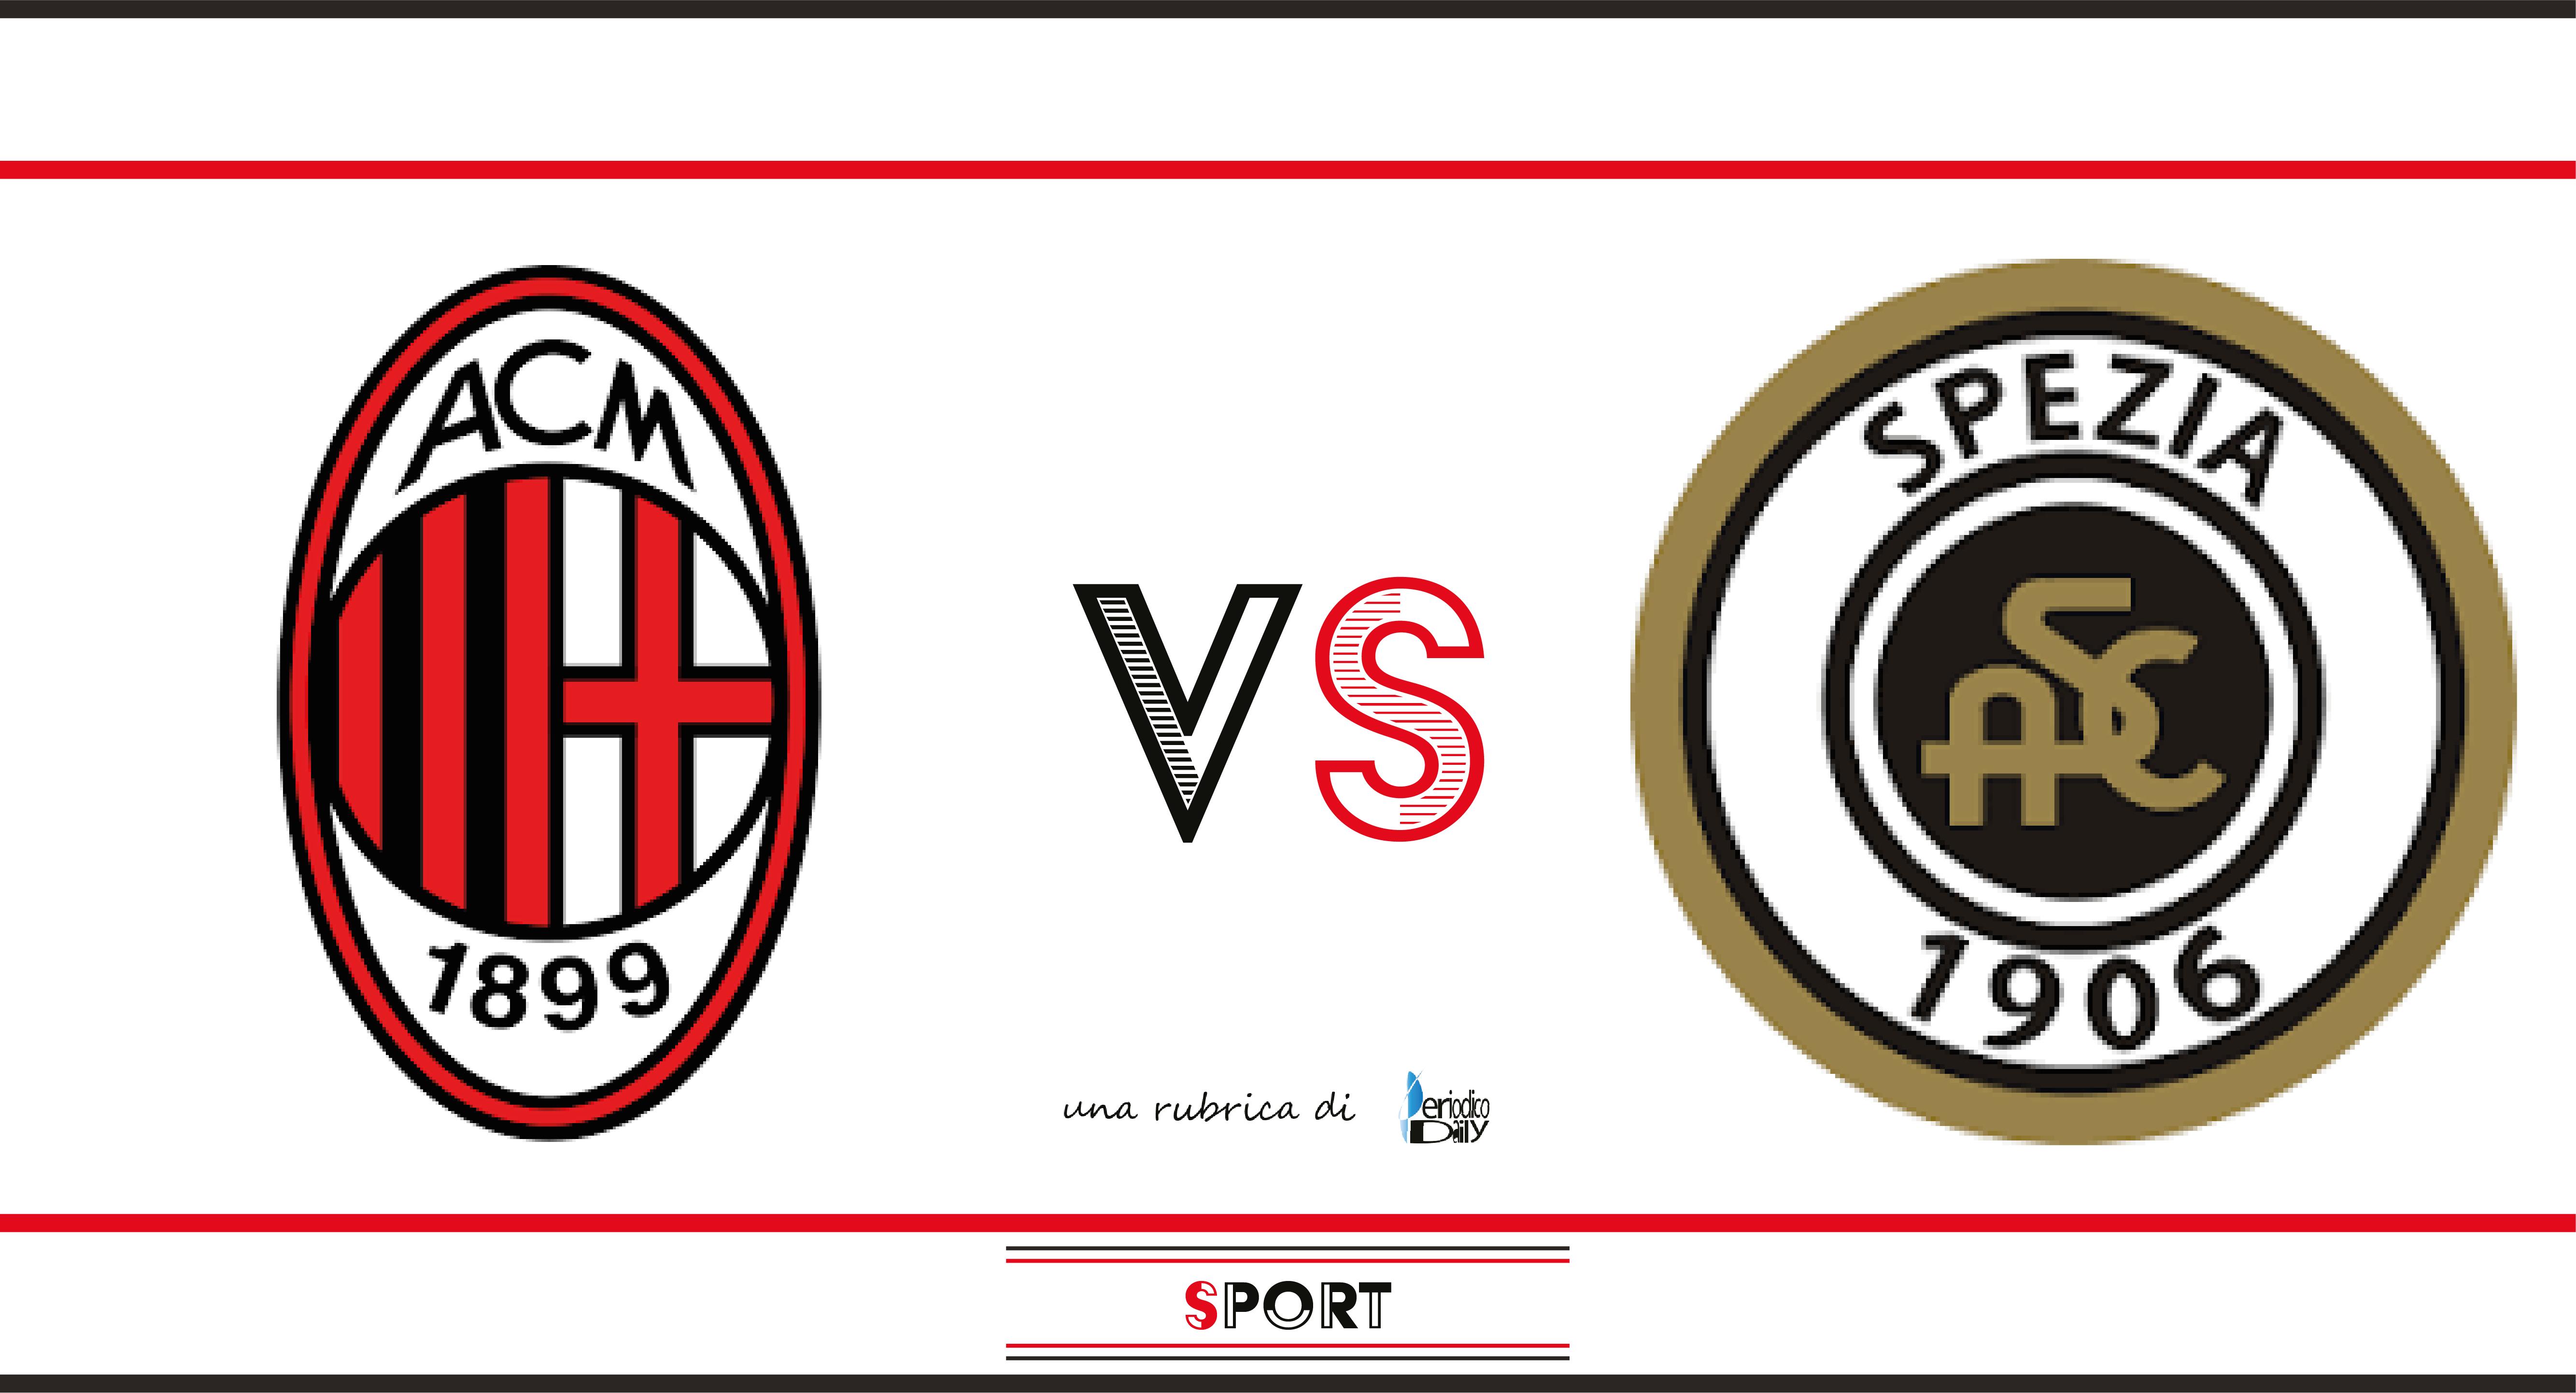 Pronostico Di Milan Spezia 3a Giornata Di Serie A Periodicodaily Sport